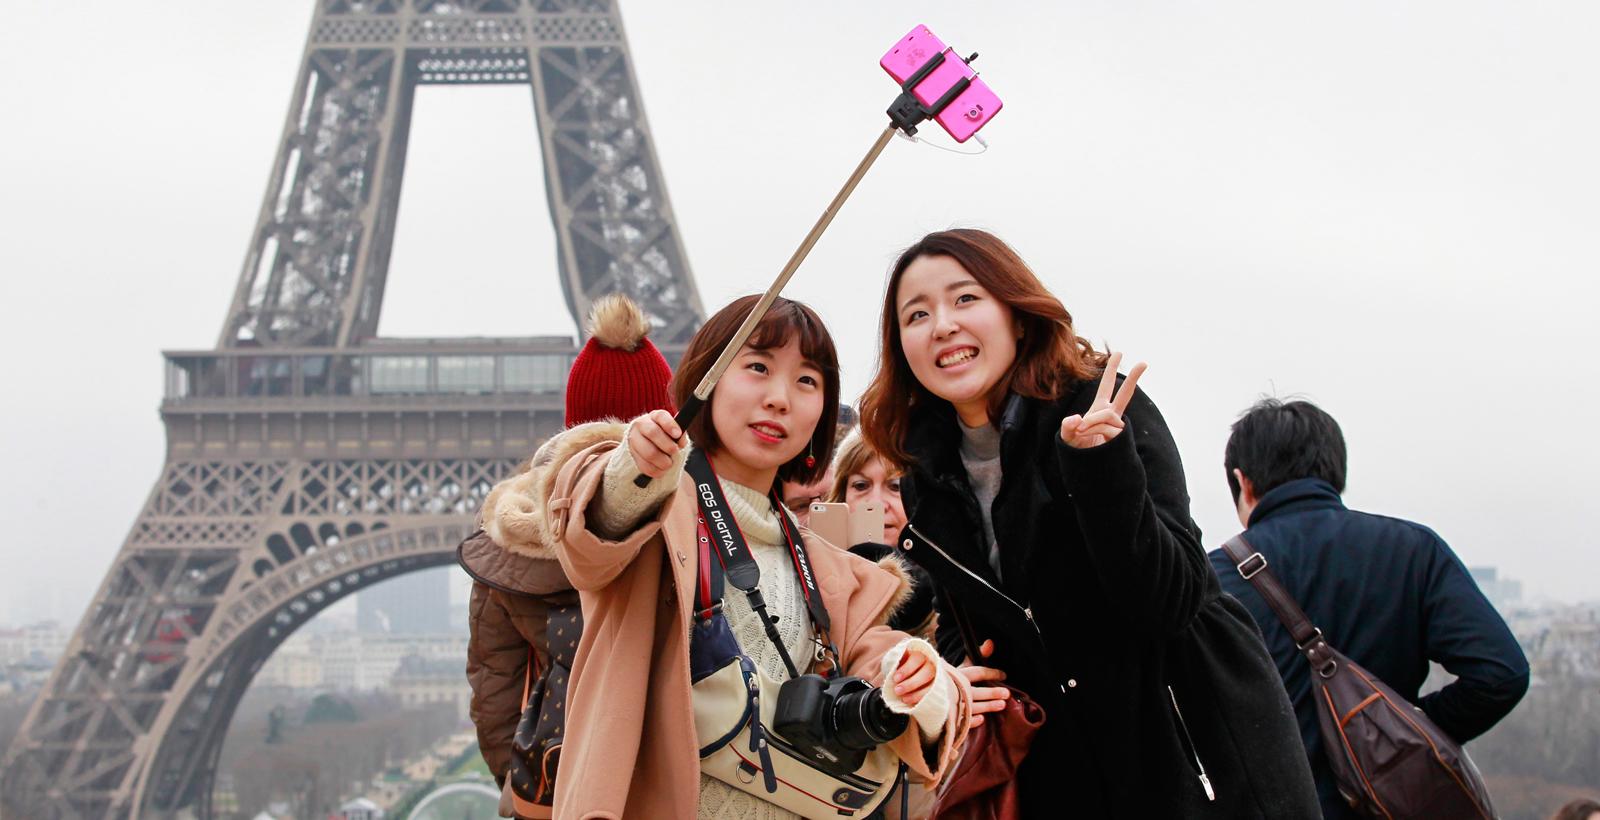 Selfie stick, le nouvel accessoire indispensable ?2